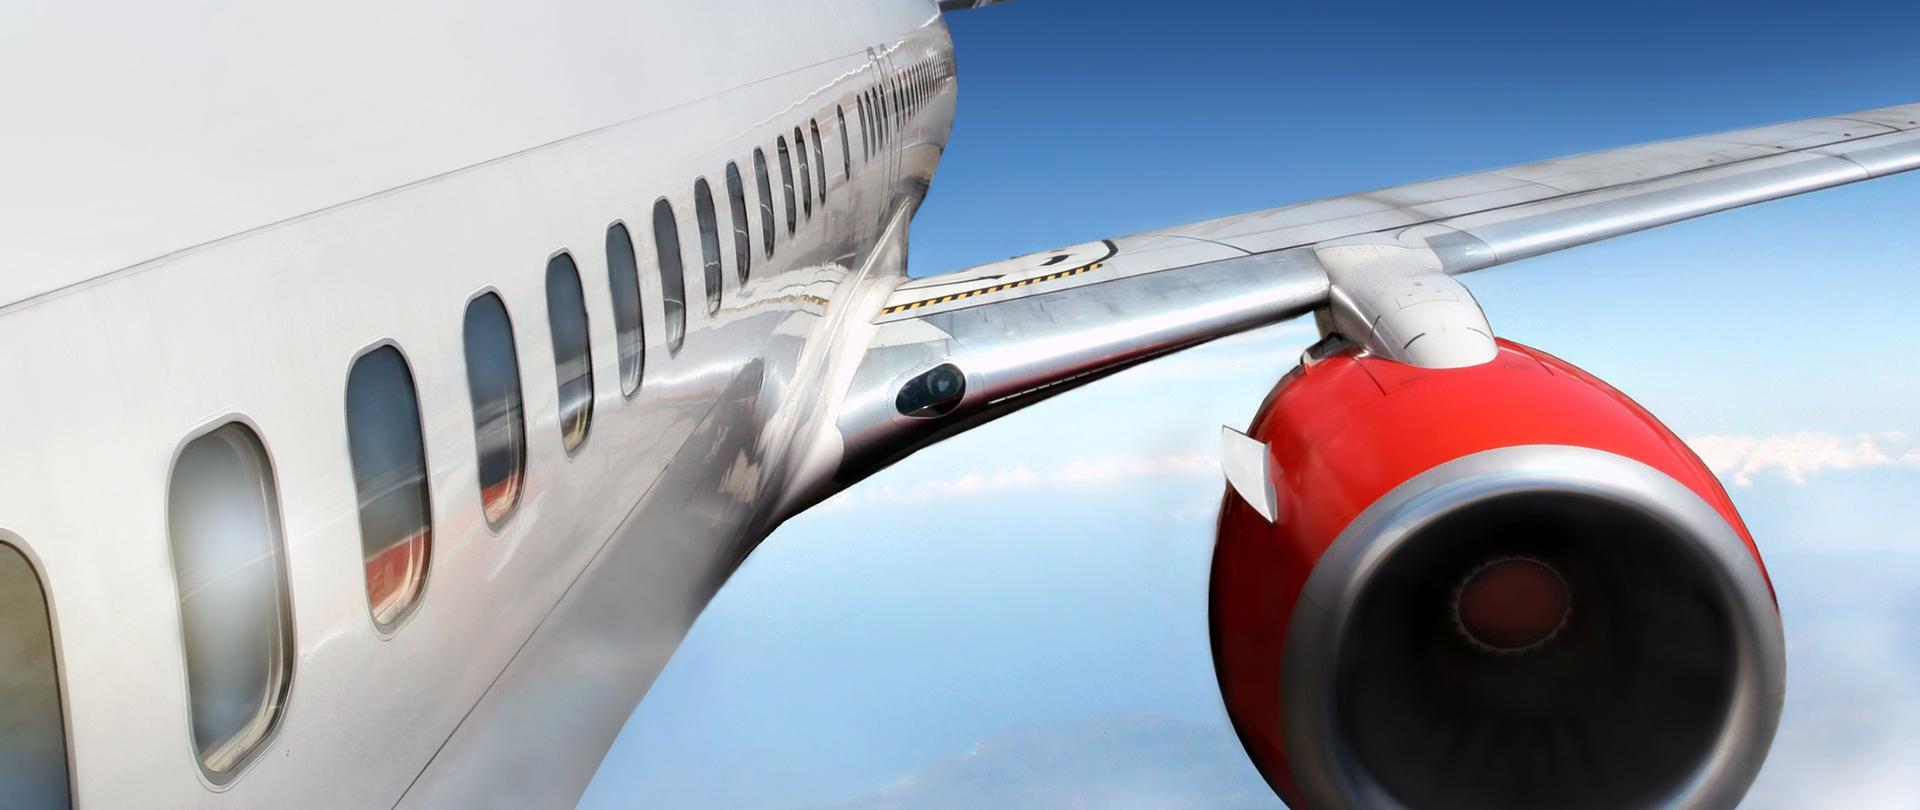 Skrzydło samolotu z silnikiem, w tle chmury